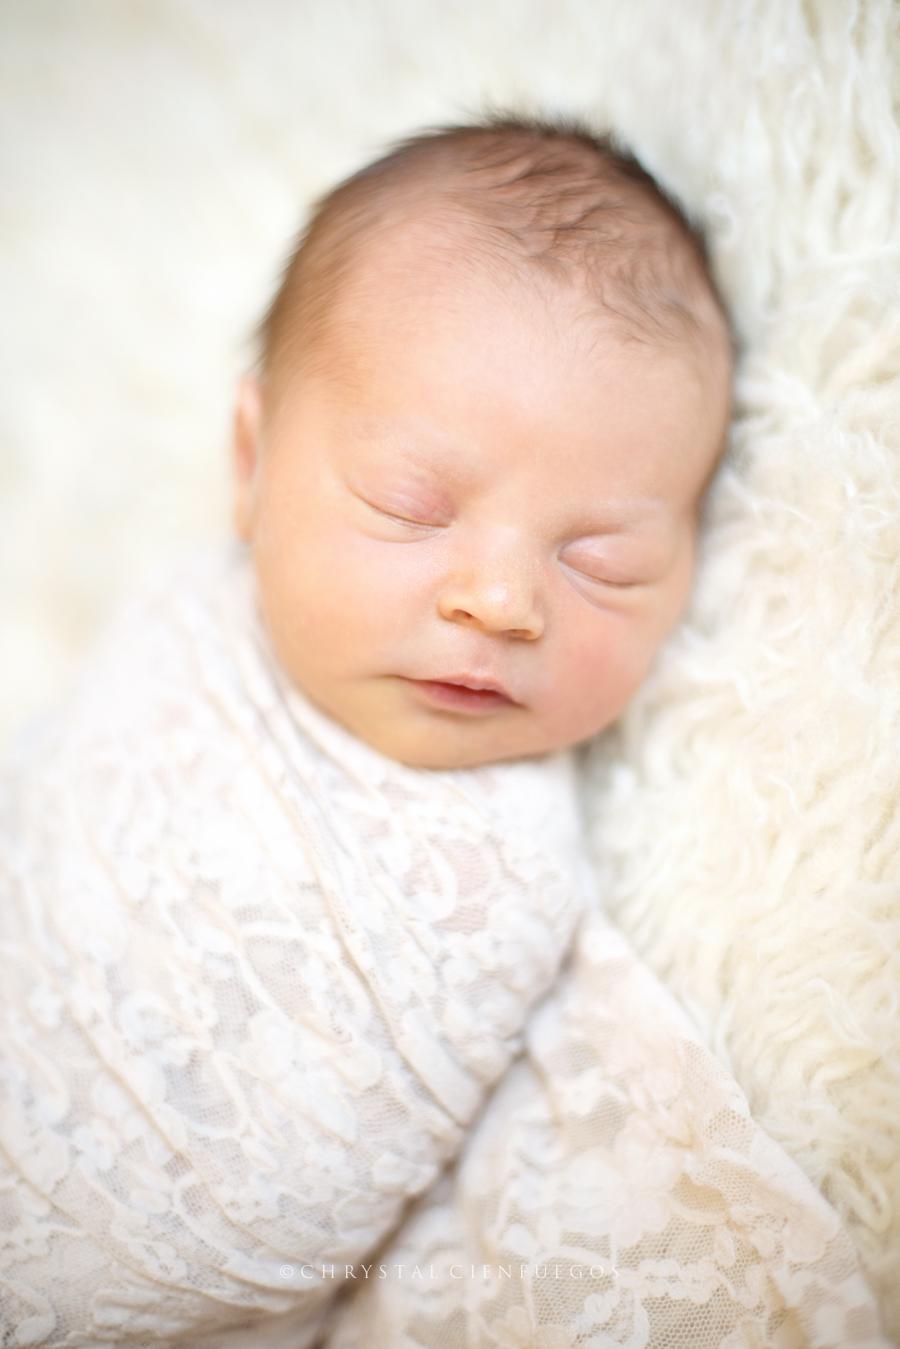 chrystal_cienfuegos_newborn-11.jpg